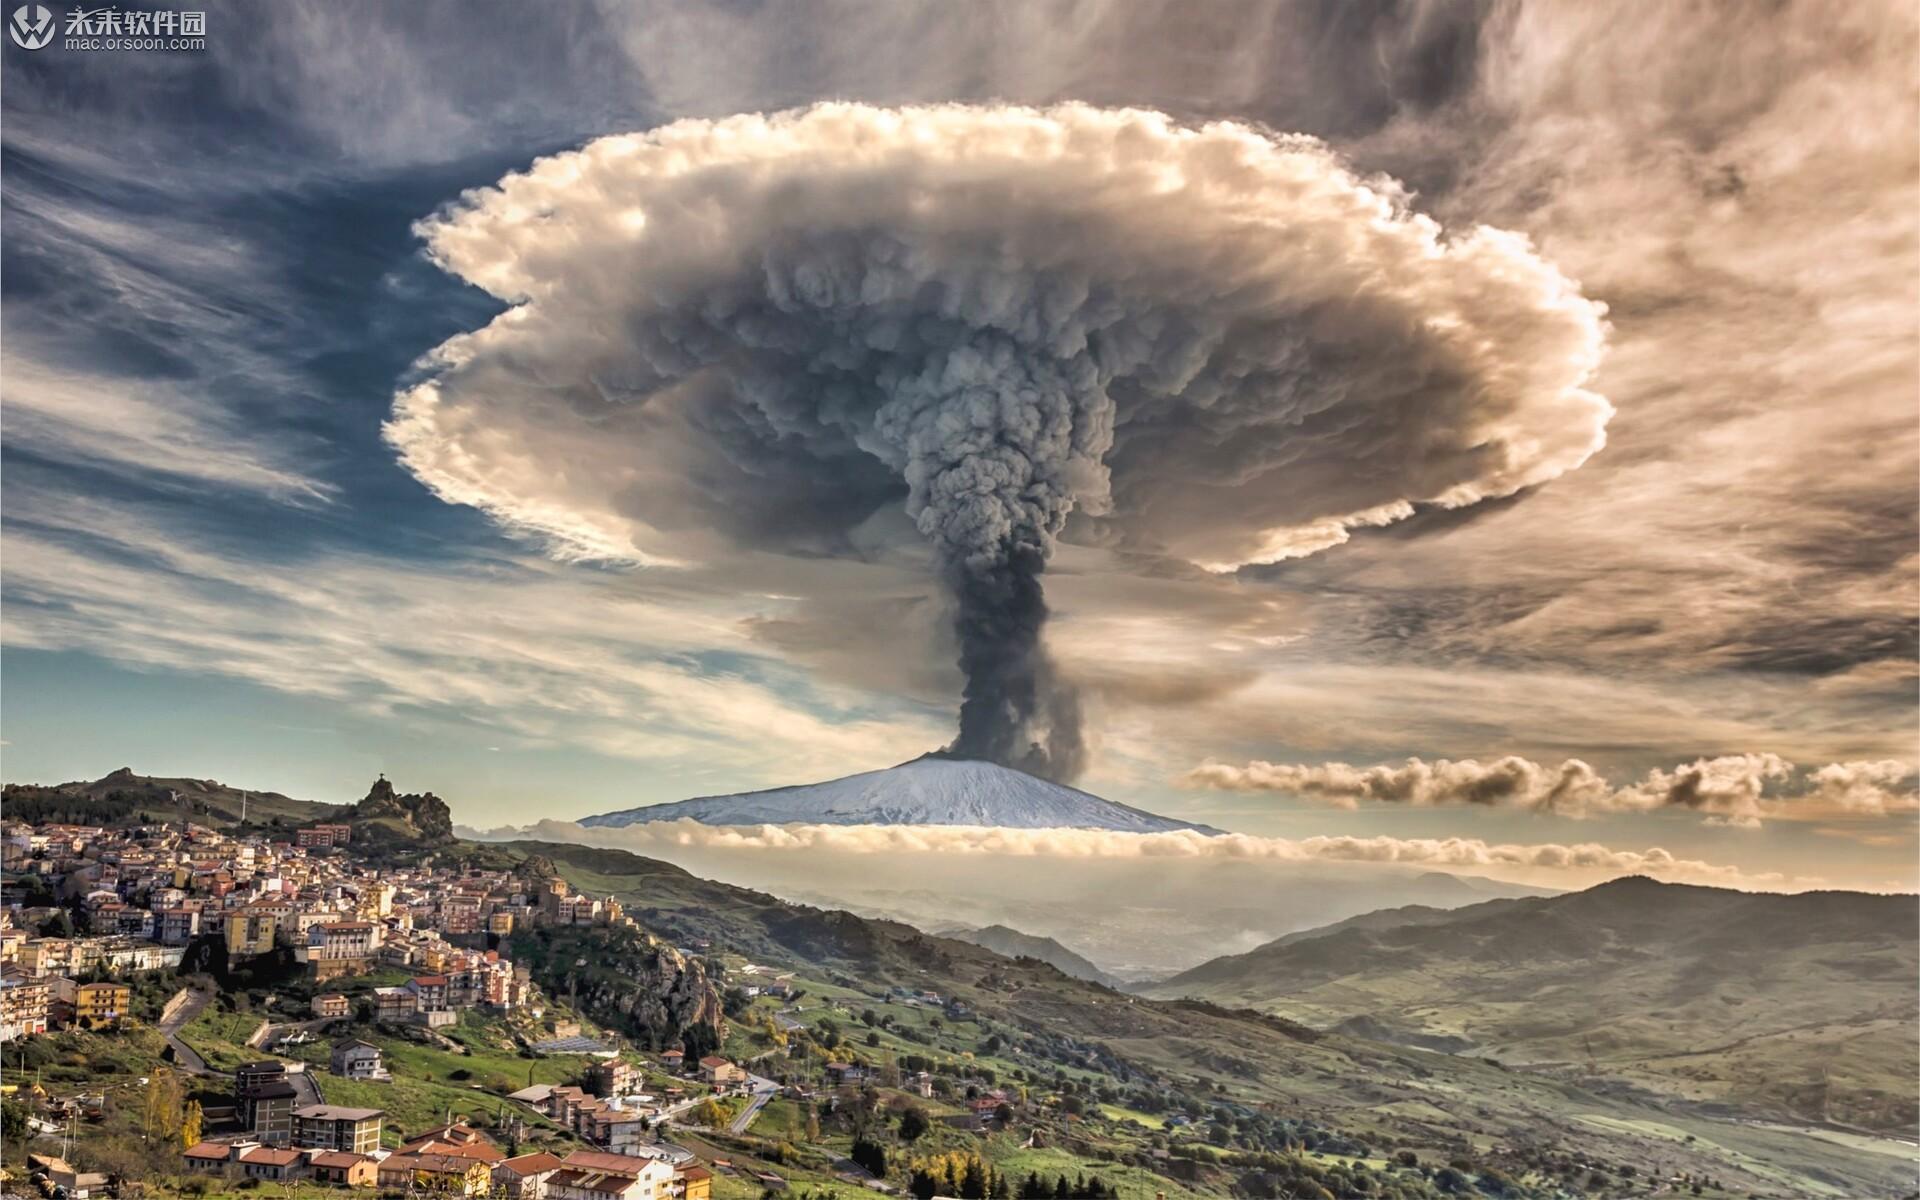 埃特纳火山爆发Mac动态壁纸